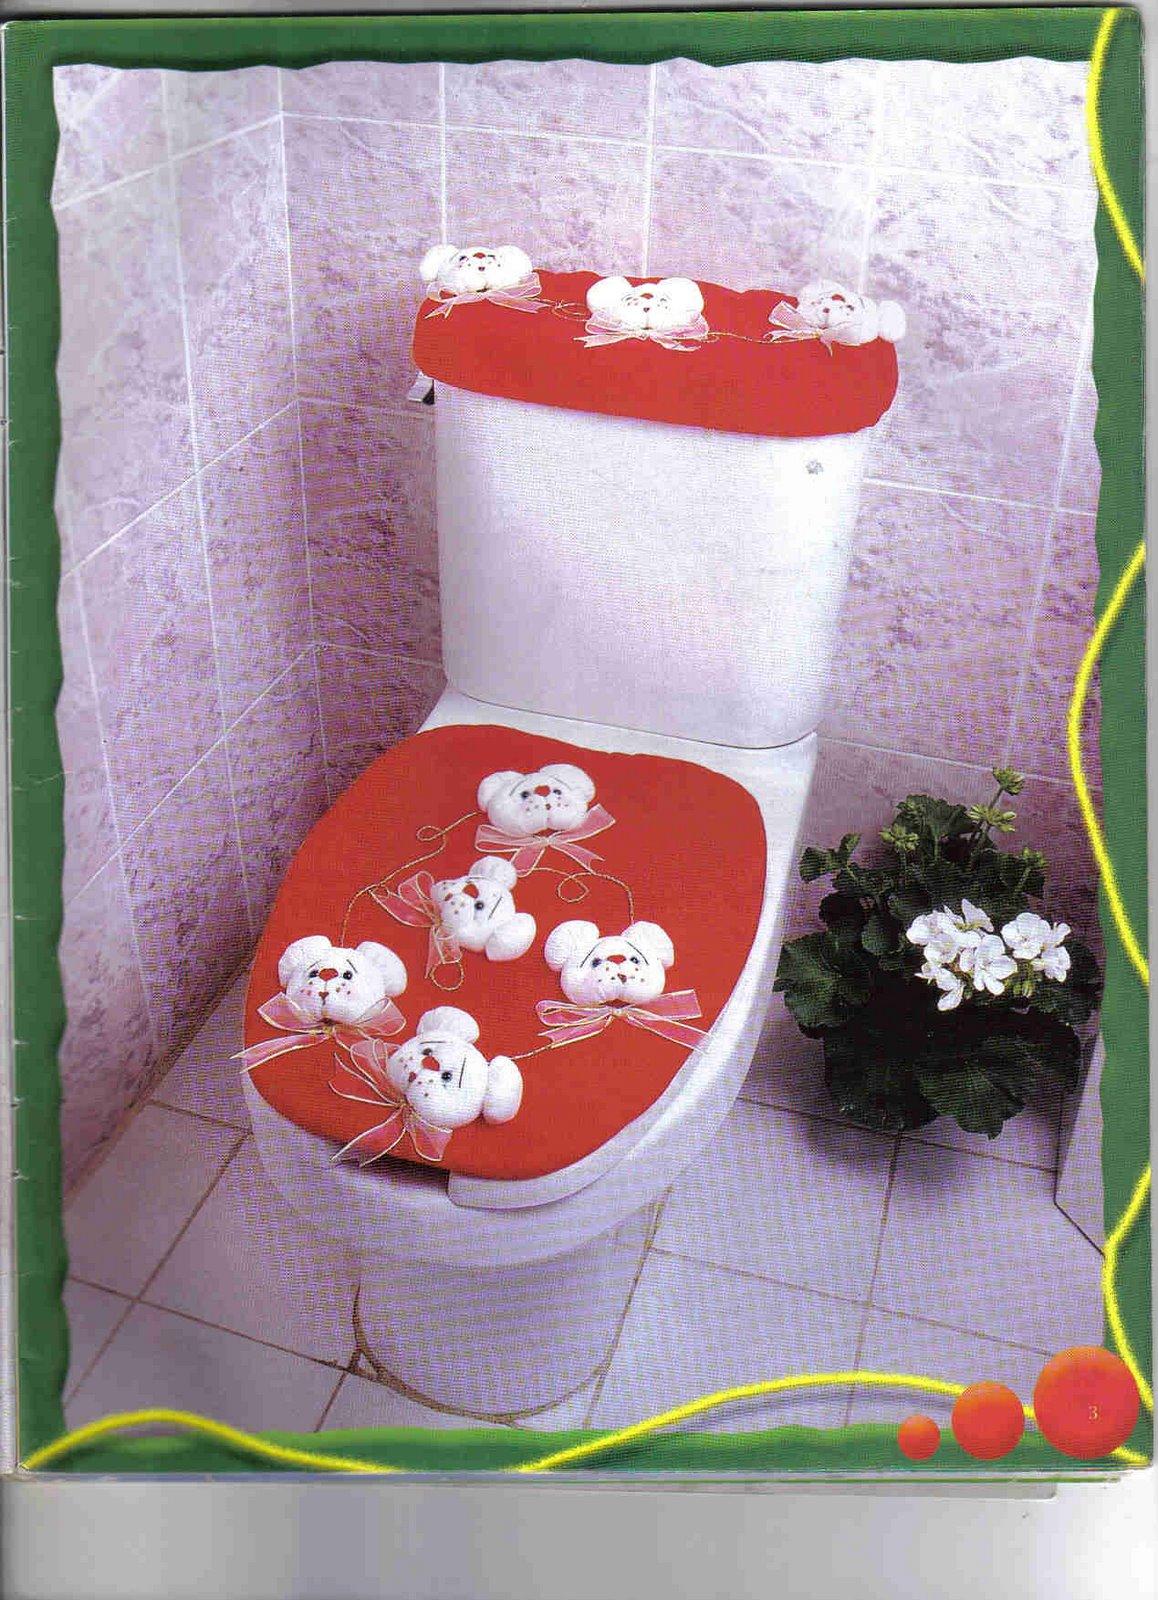 Juegos De Baño Sencillos:Como Hacer Juegos De Bano Para Navidad